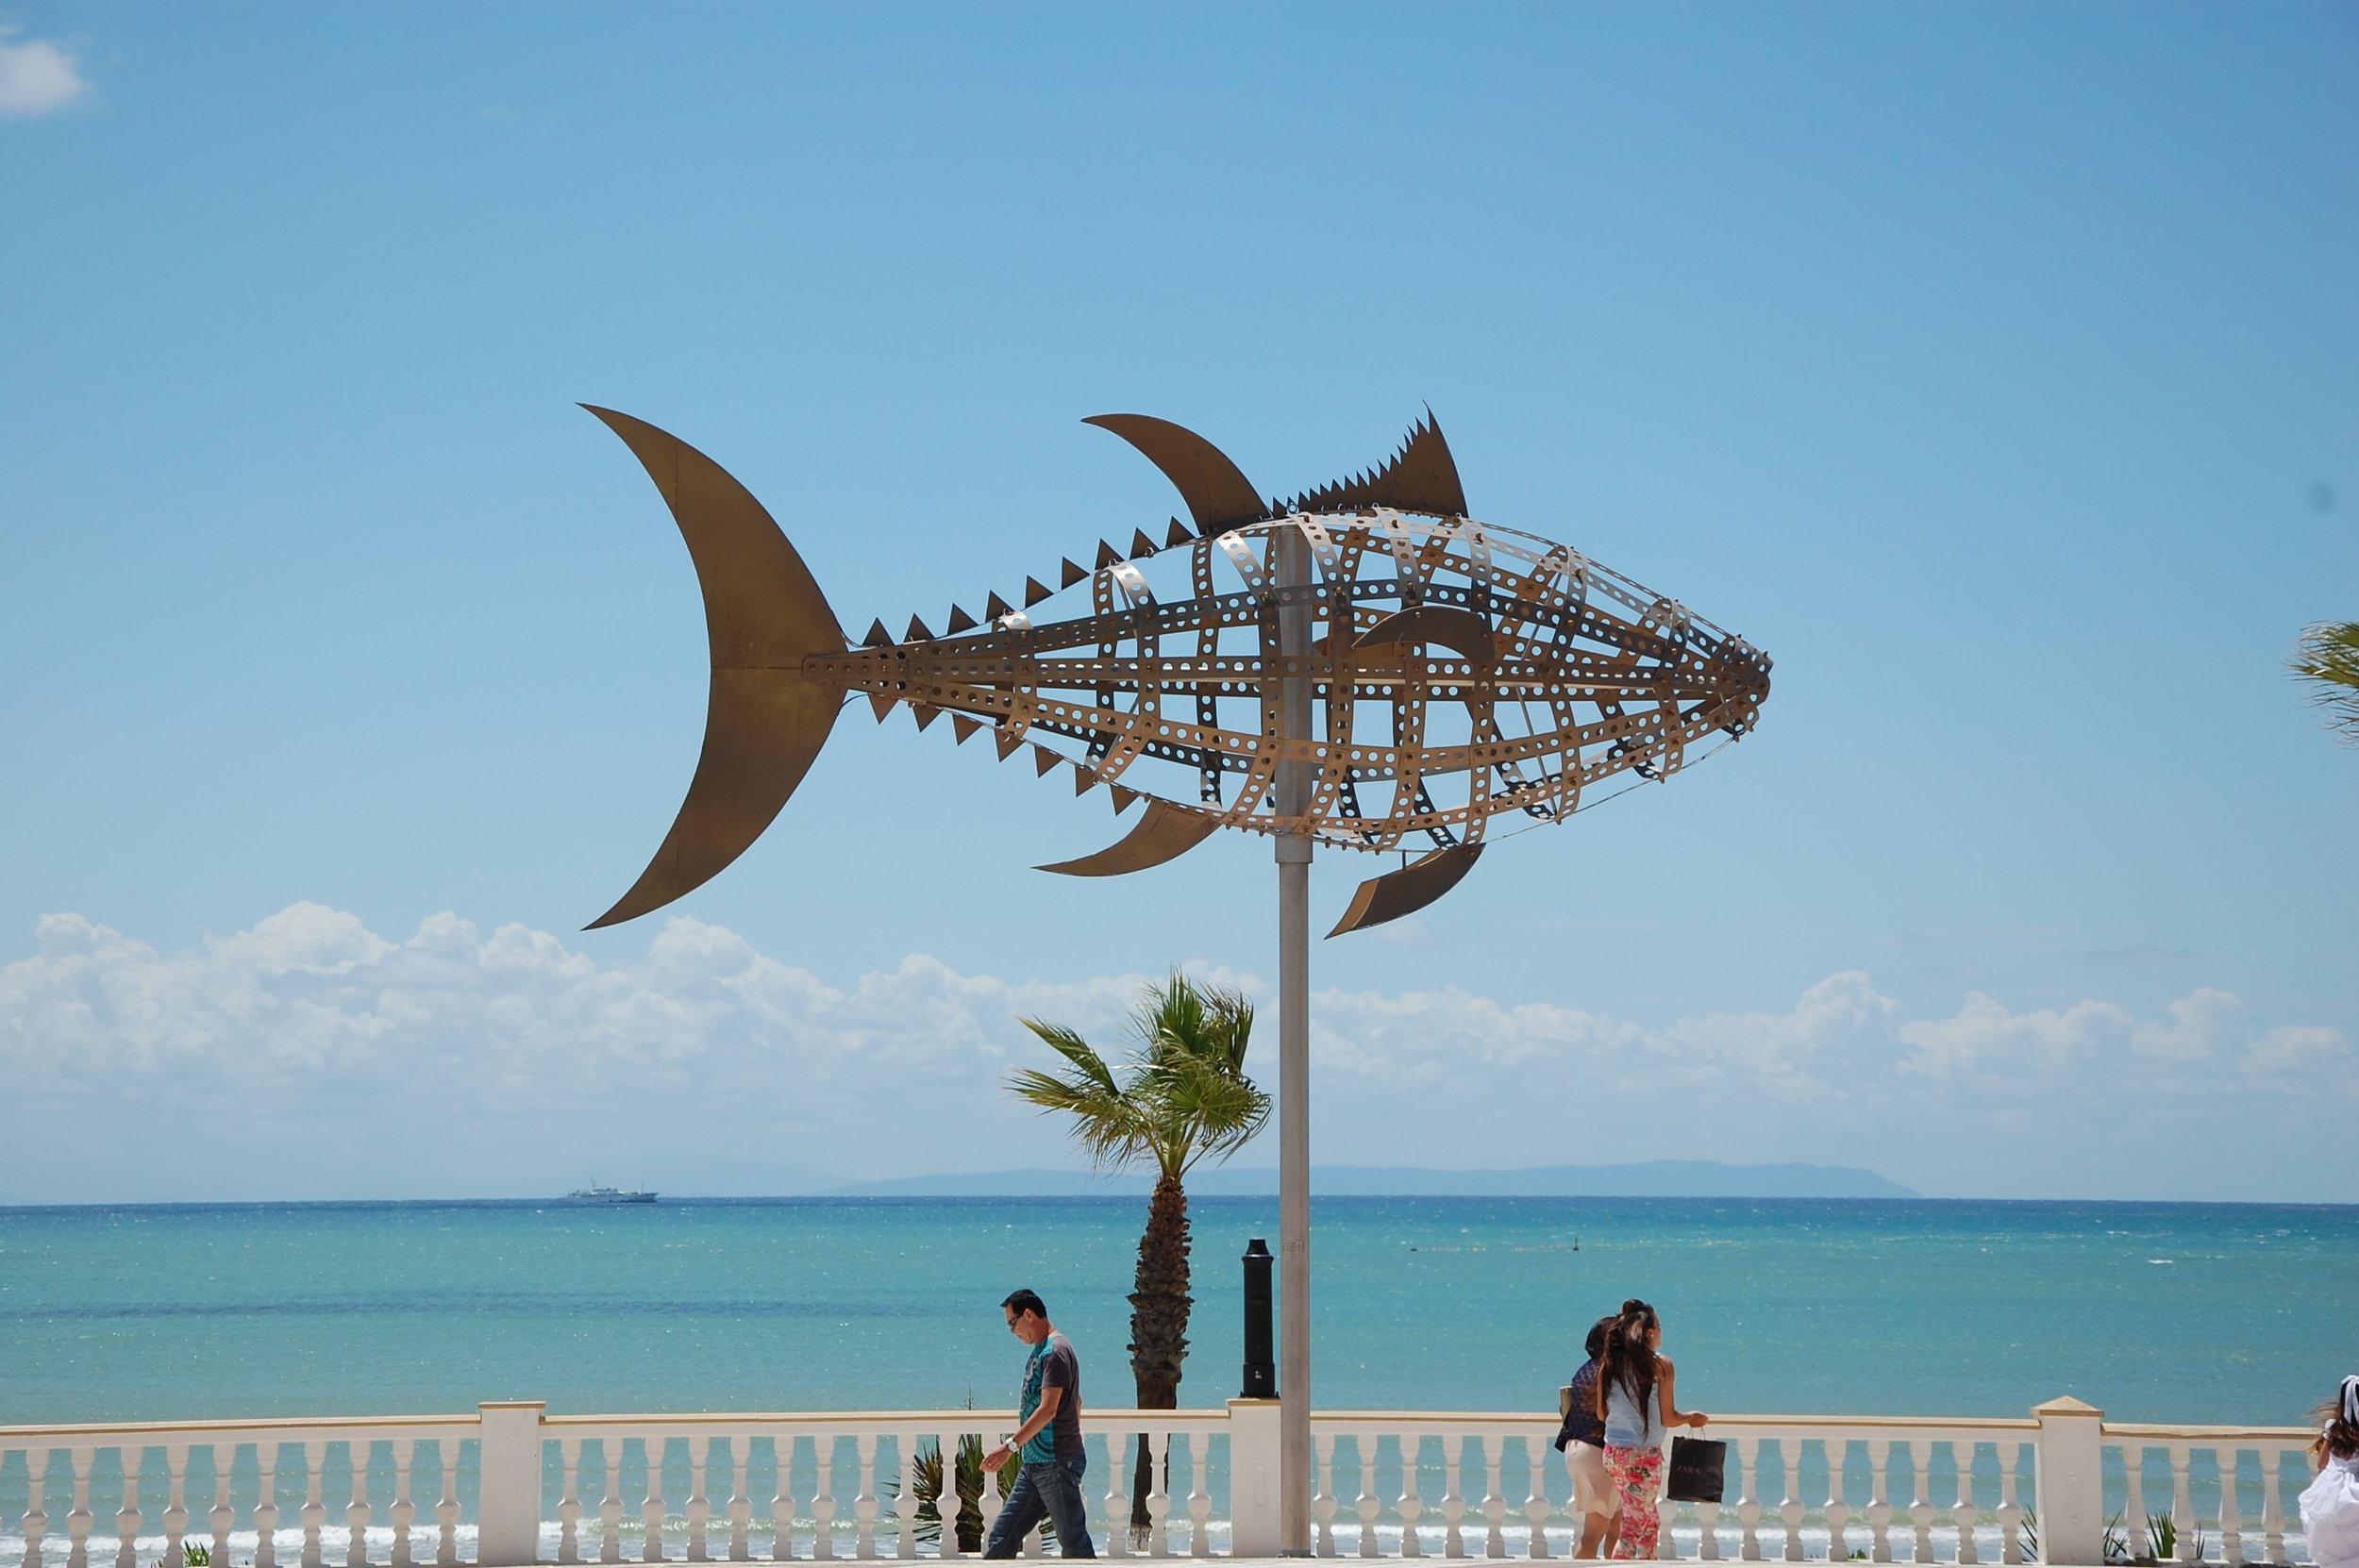 Tuna sculpture, Barbate